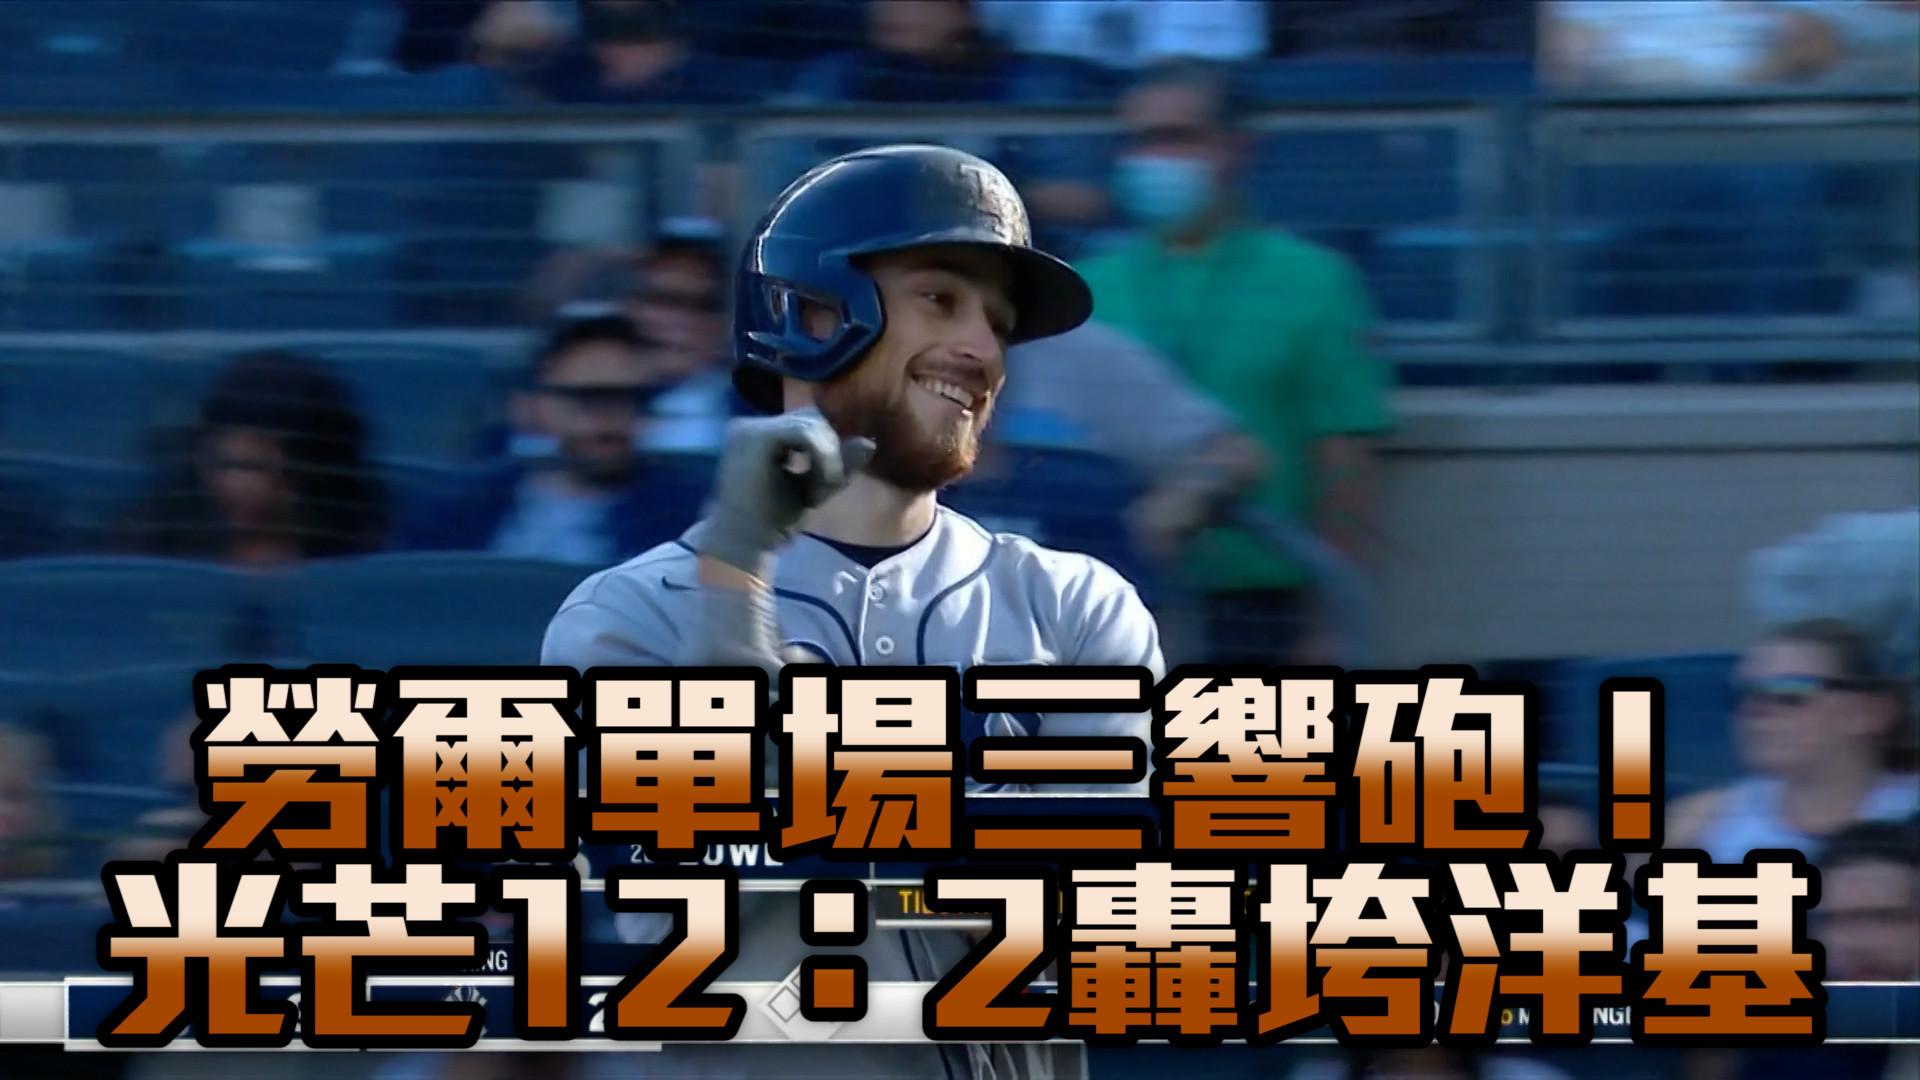 【MLB看愛爾達】勞爾單場三響砲!光芒12:2轟垮洋基 10/3